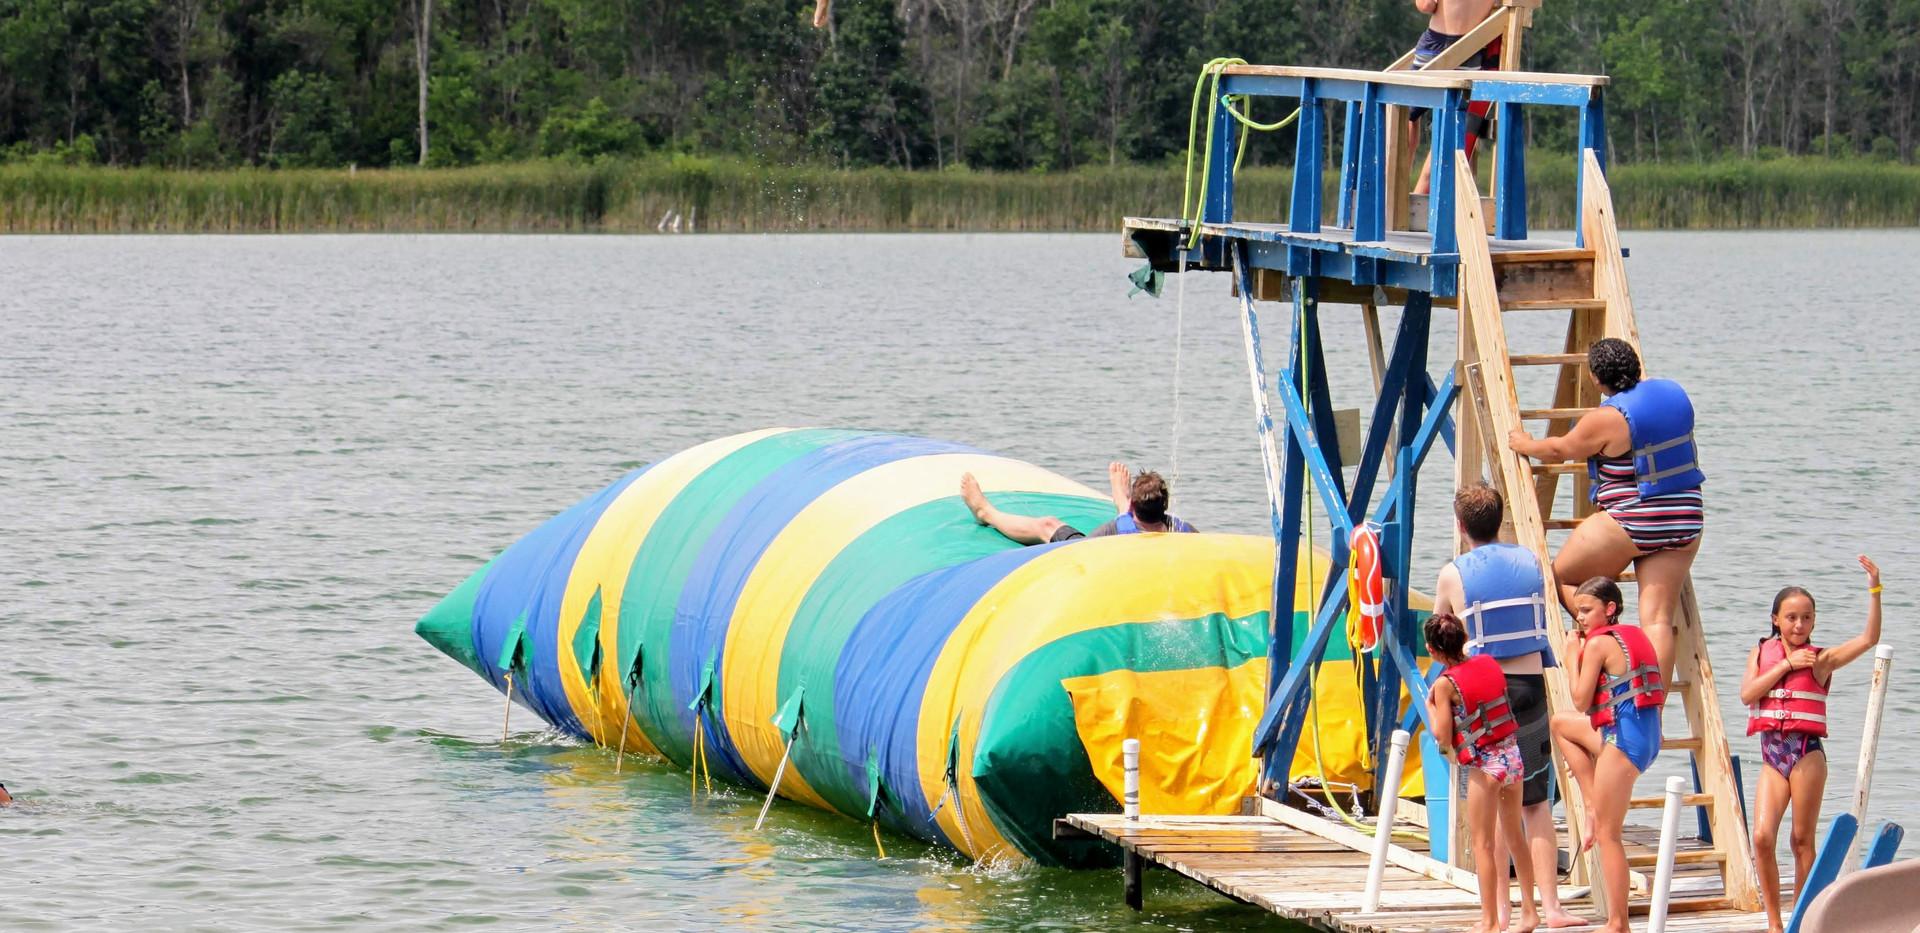 Lakefront: Blob Kid in air.jpg